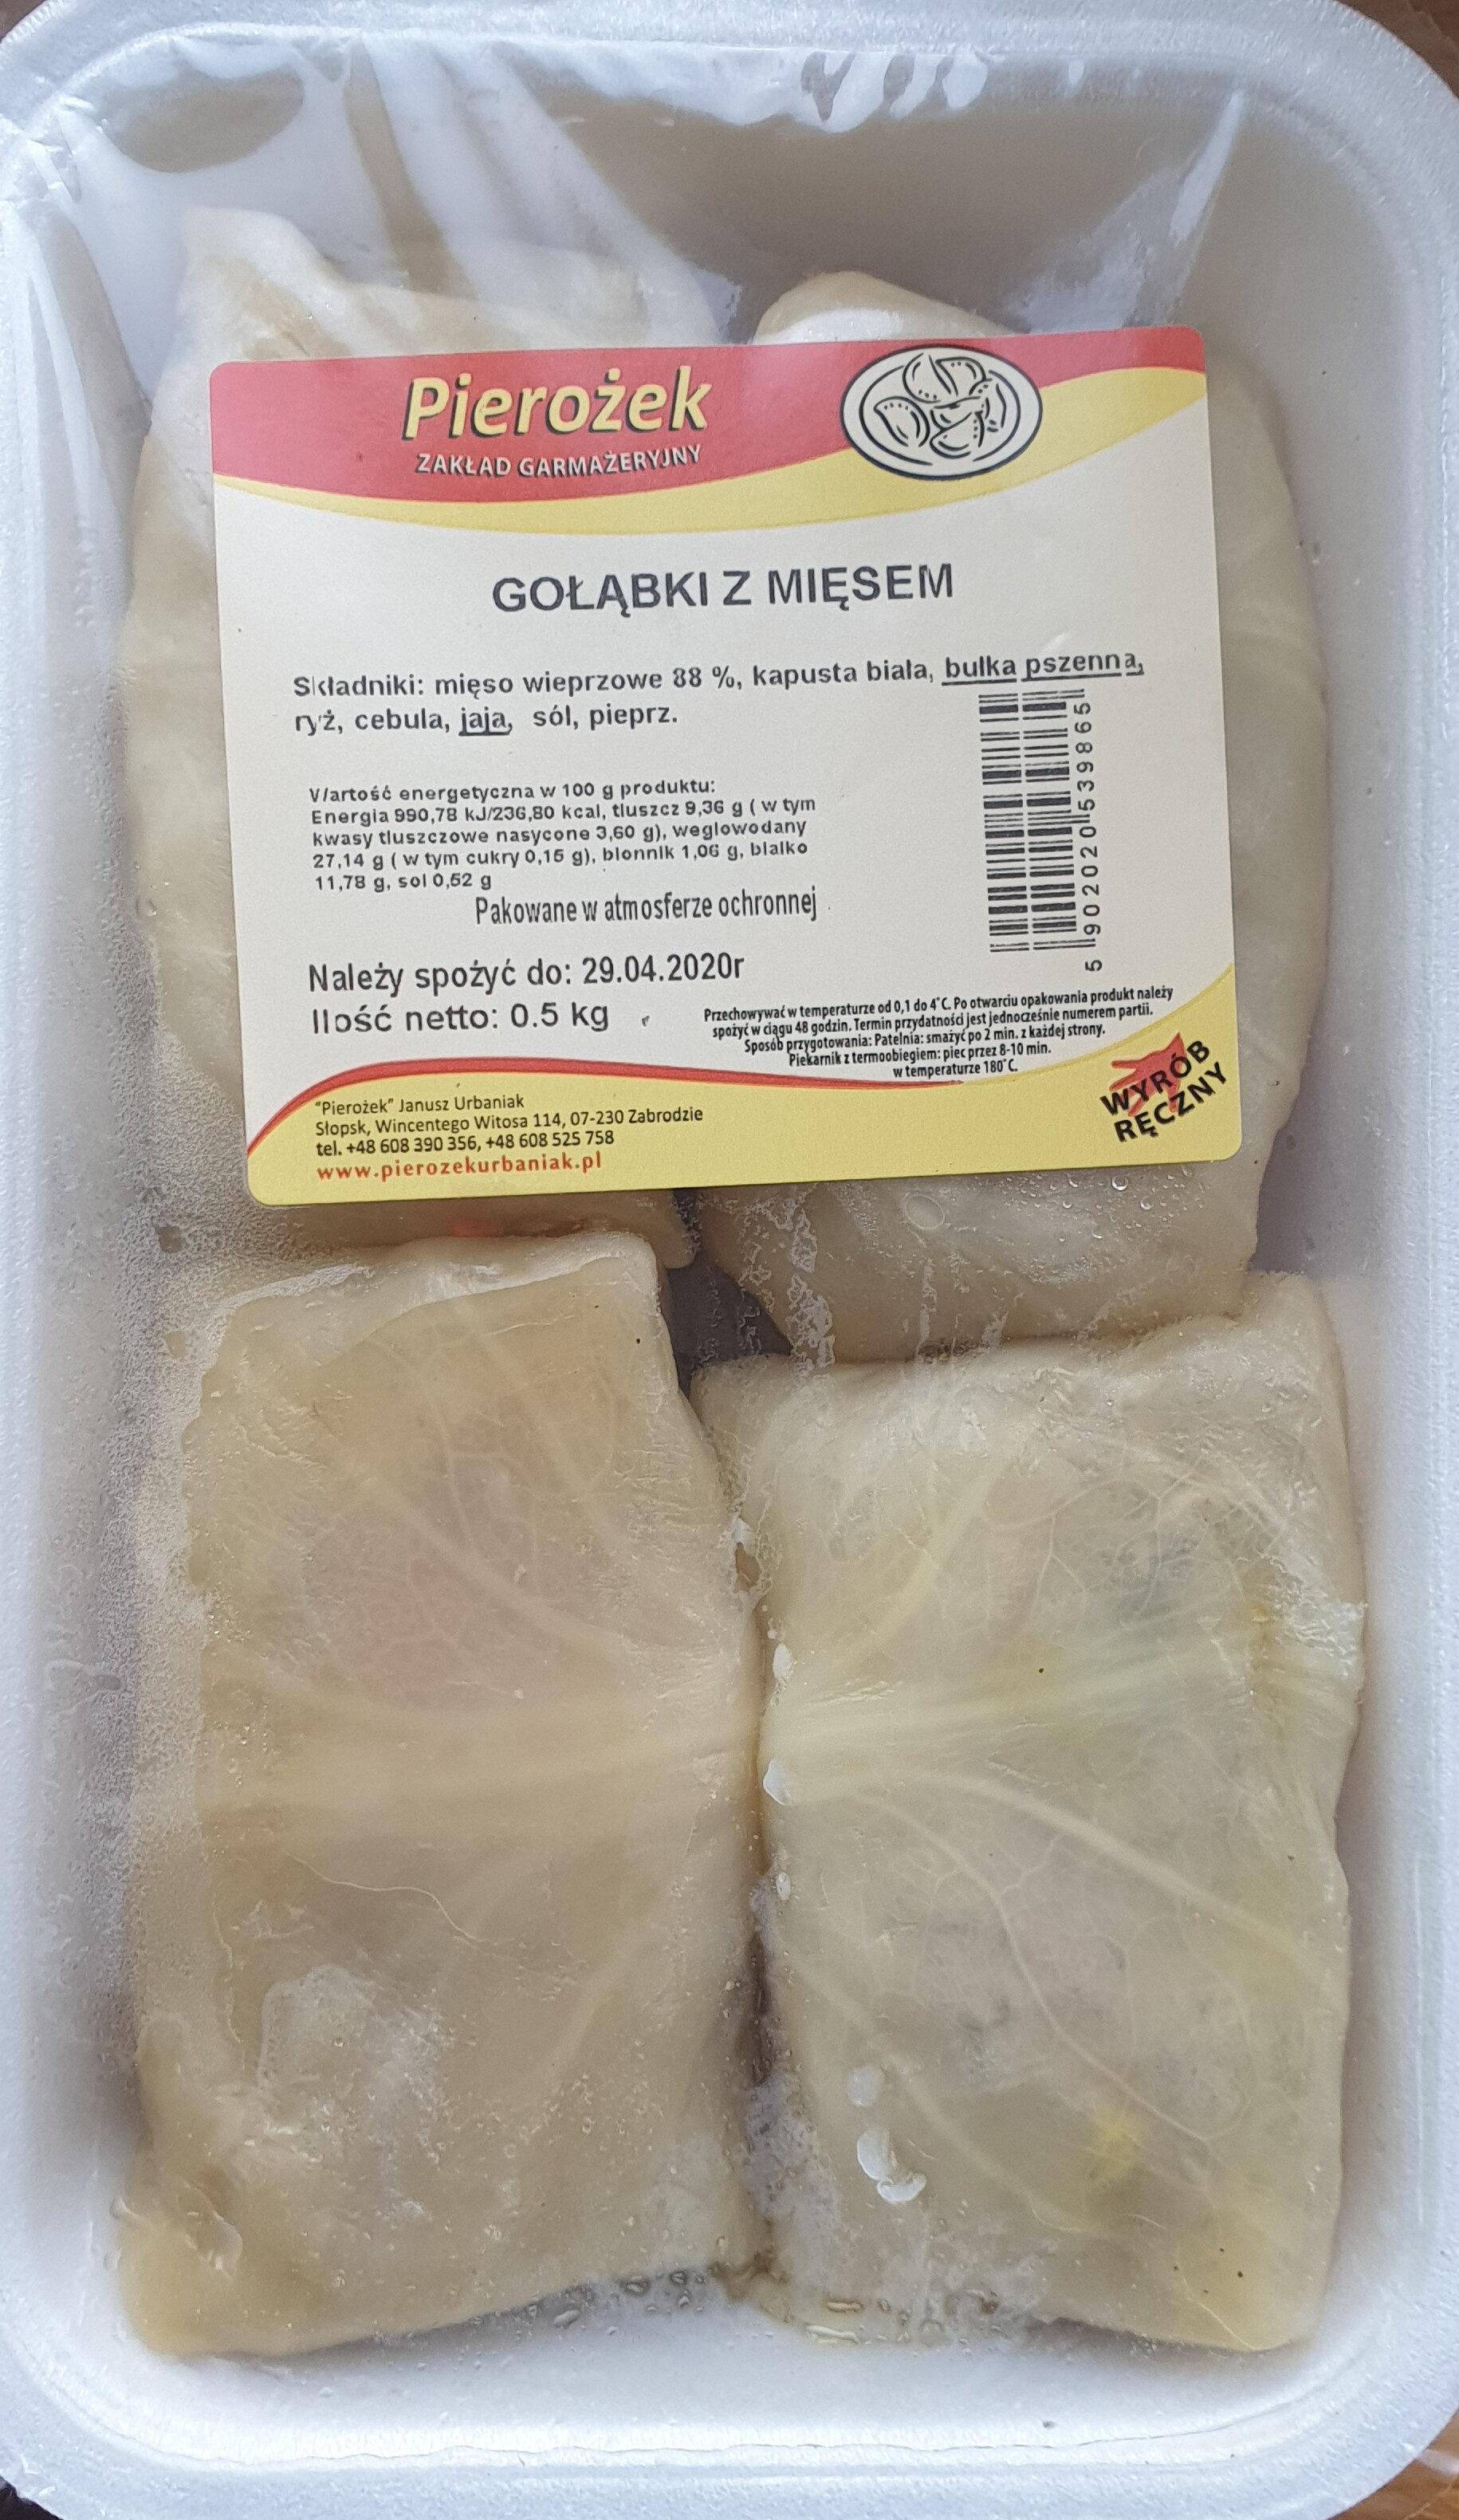 Gołąbki z mięsem - Produkt - pl